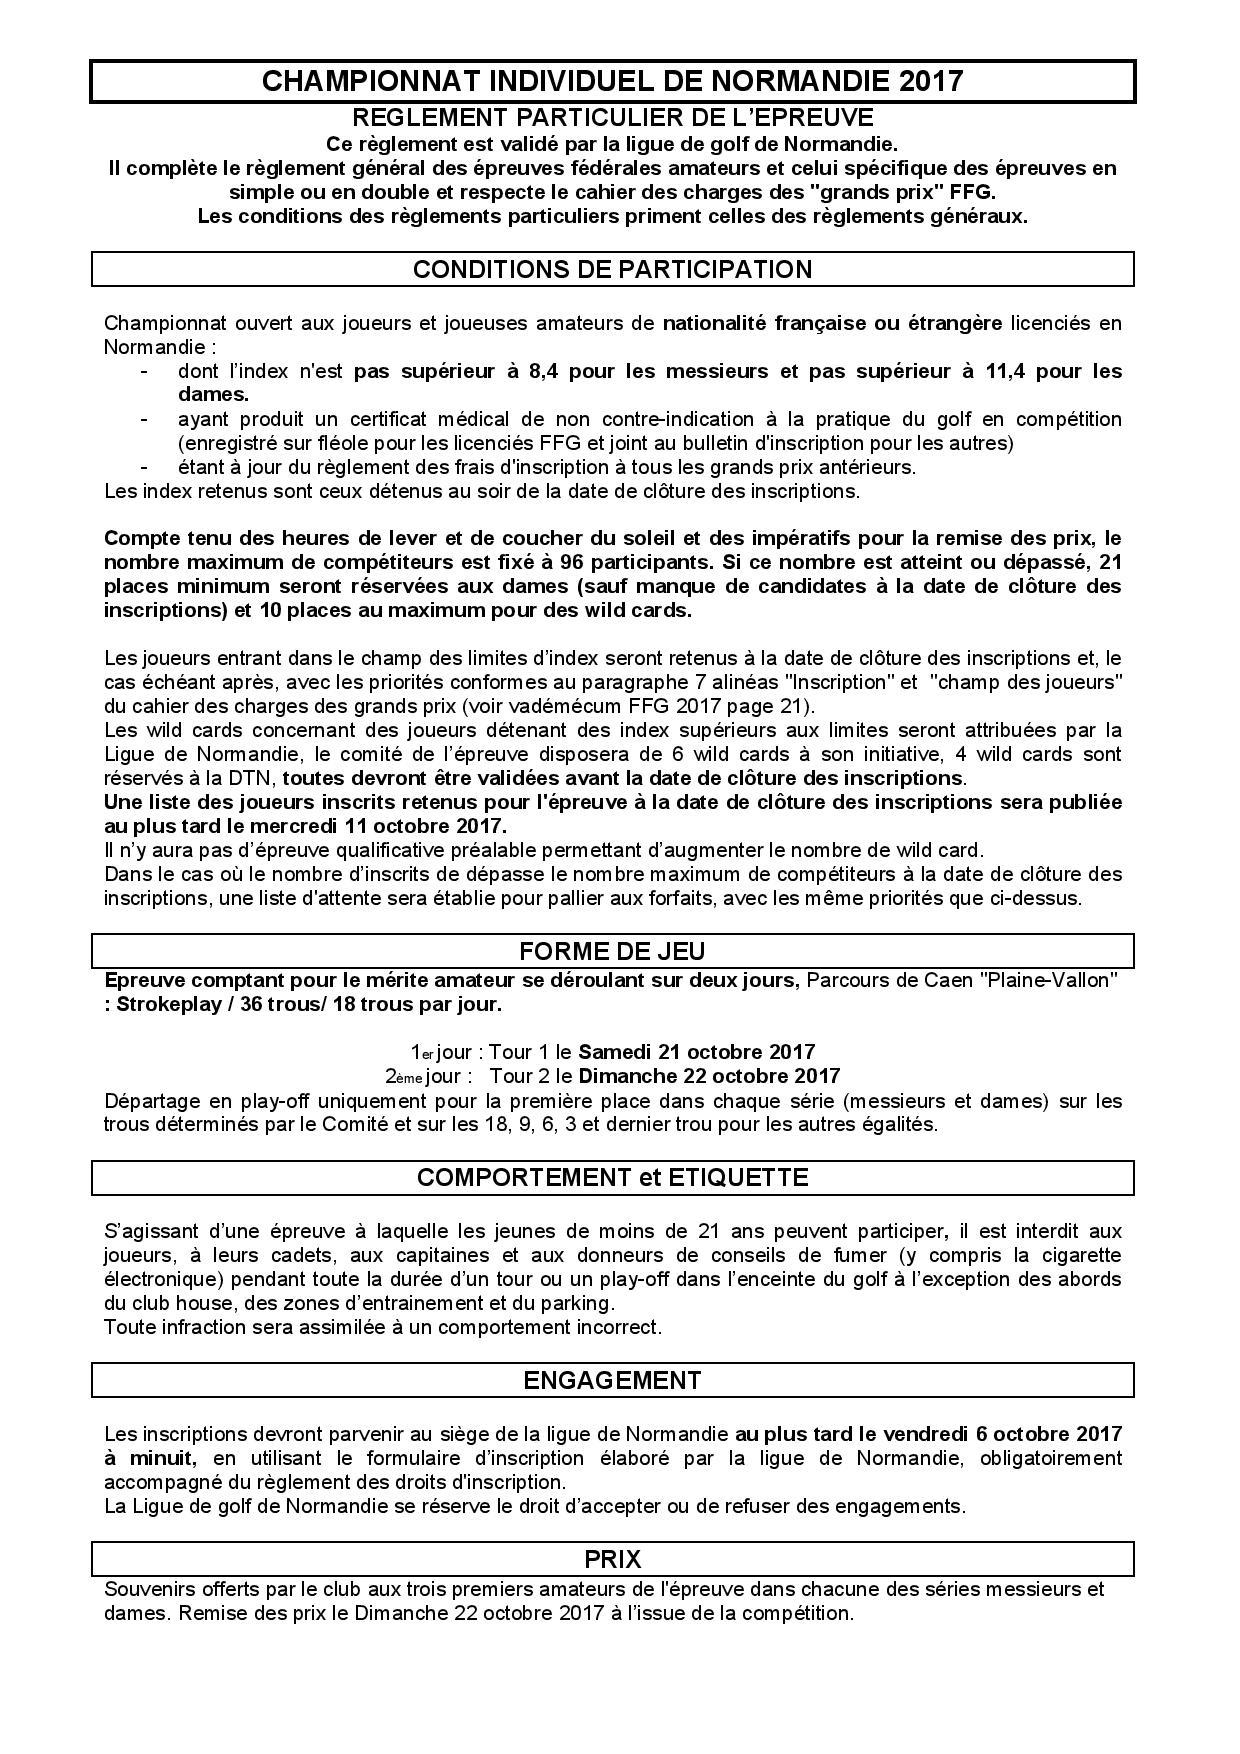 2017_chpt_indiv_normandie_reglement-page-001.jpg